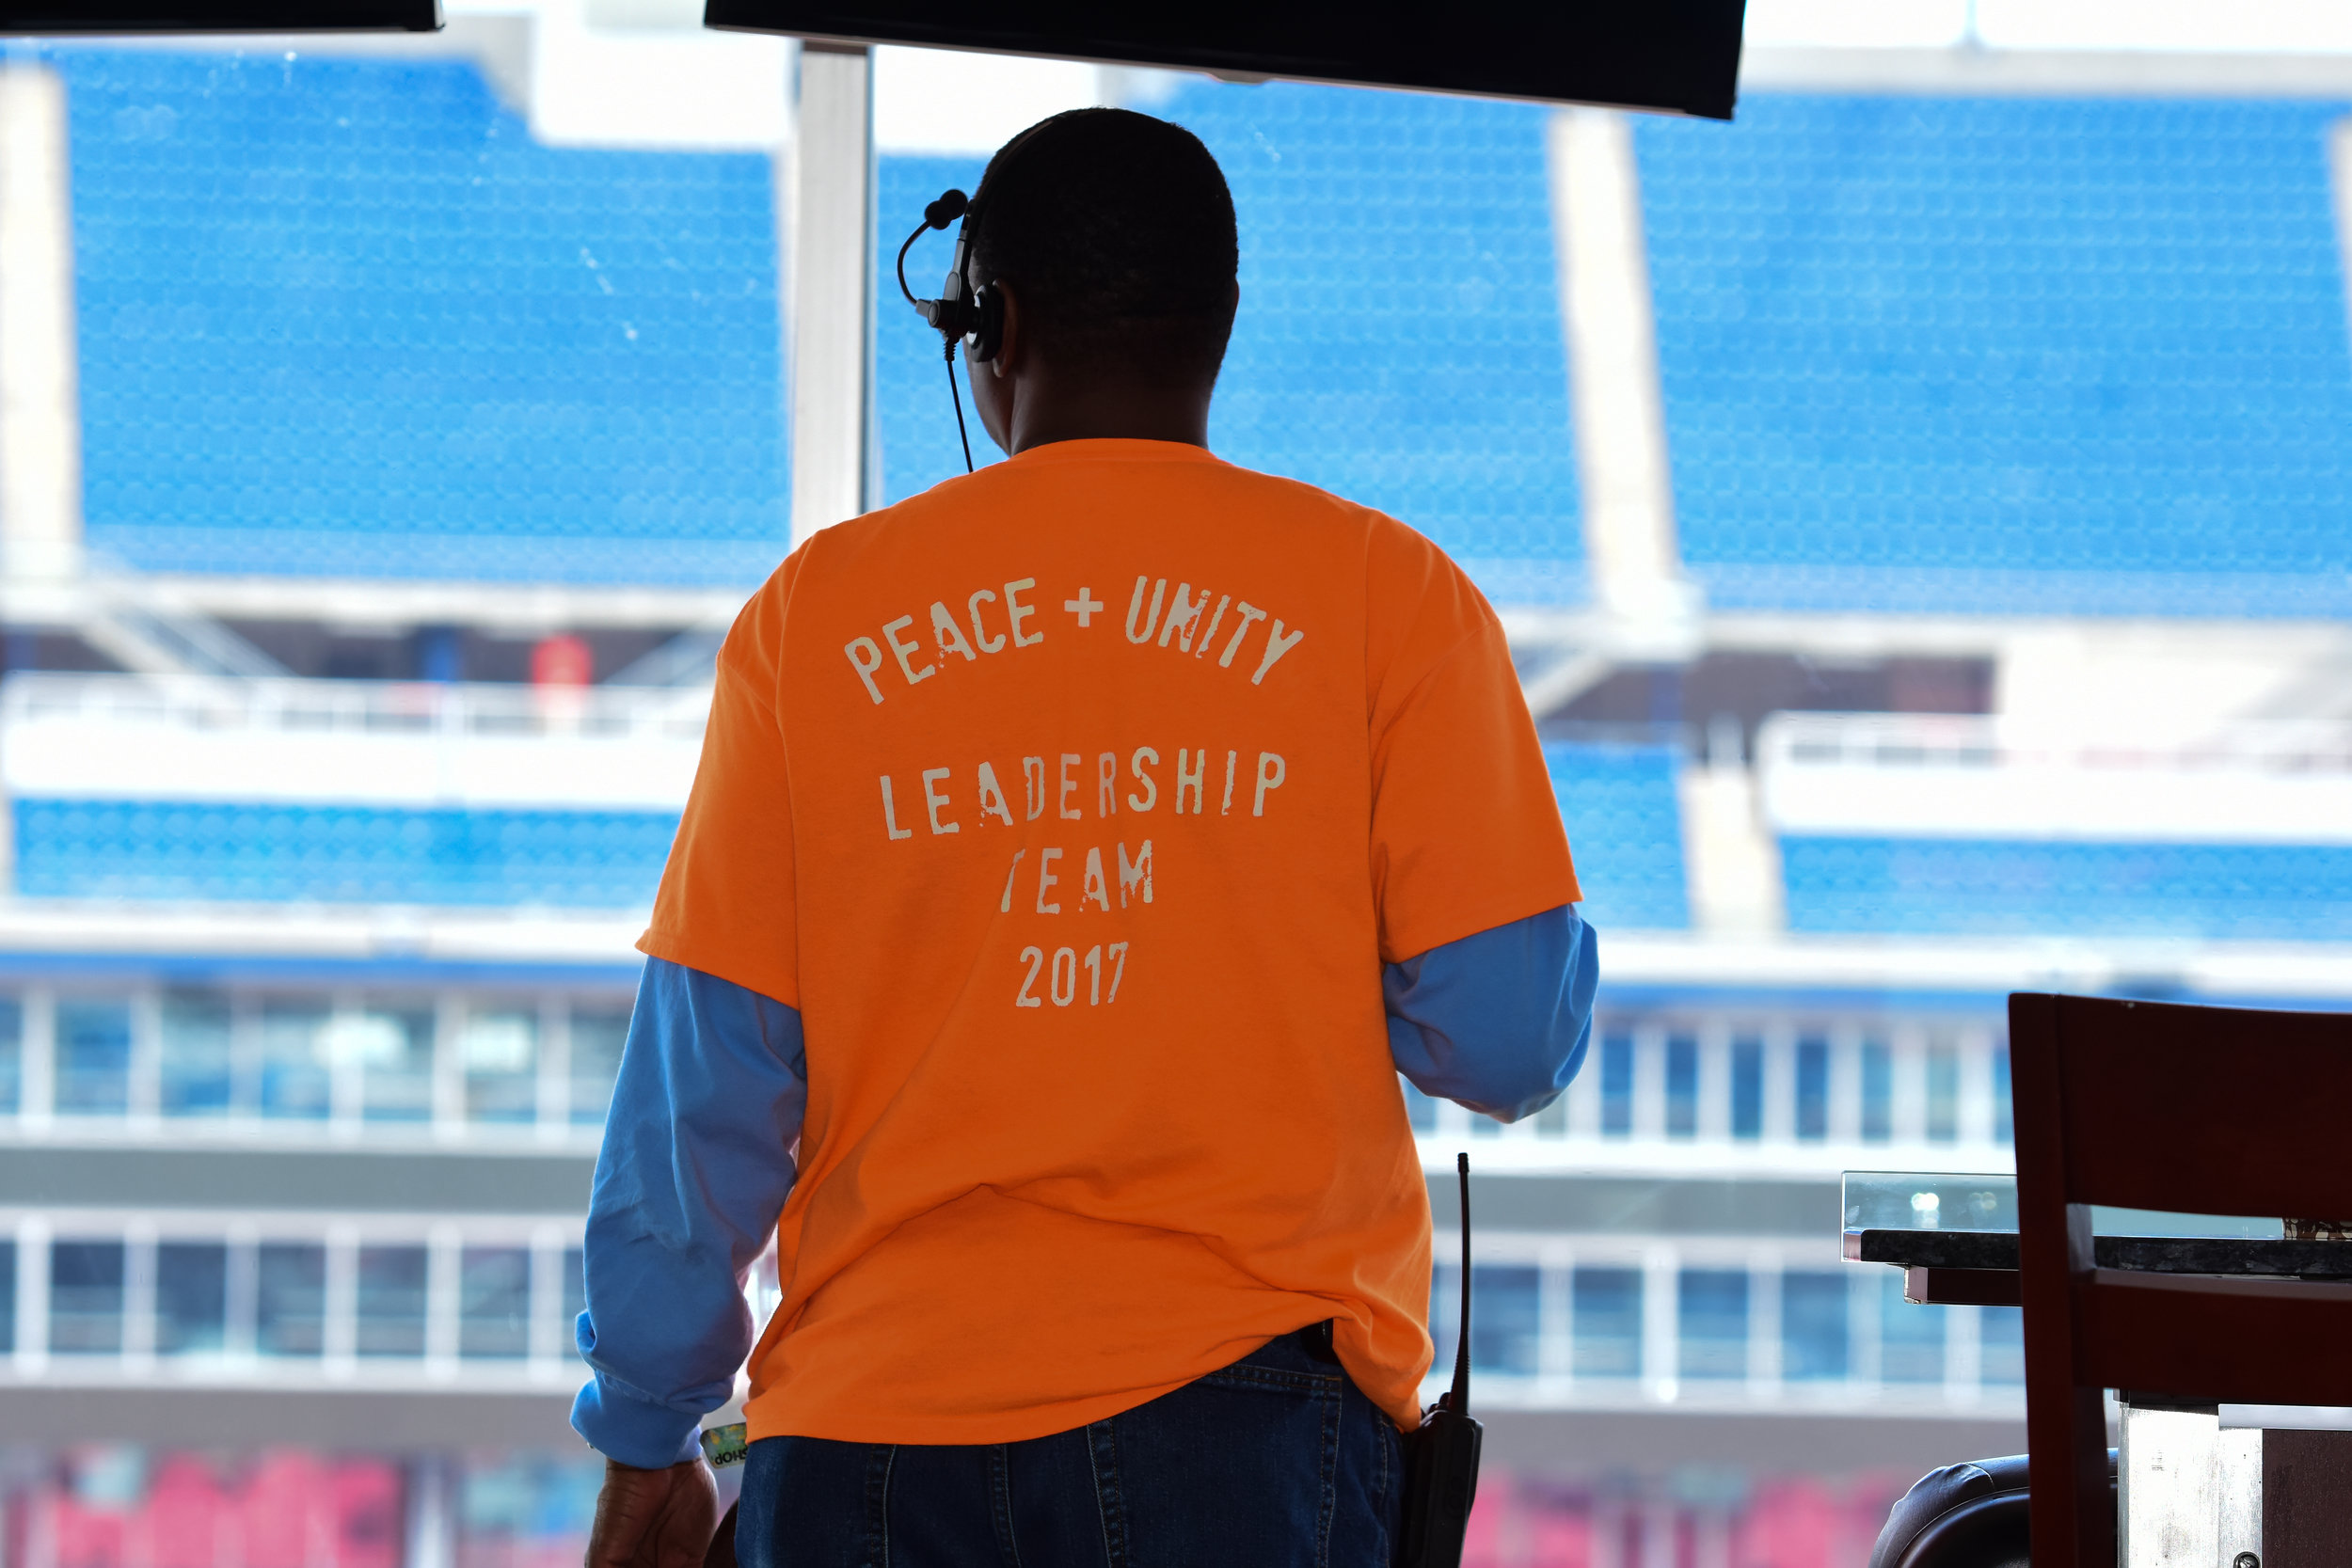 LeadershipTeam.jpg